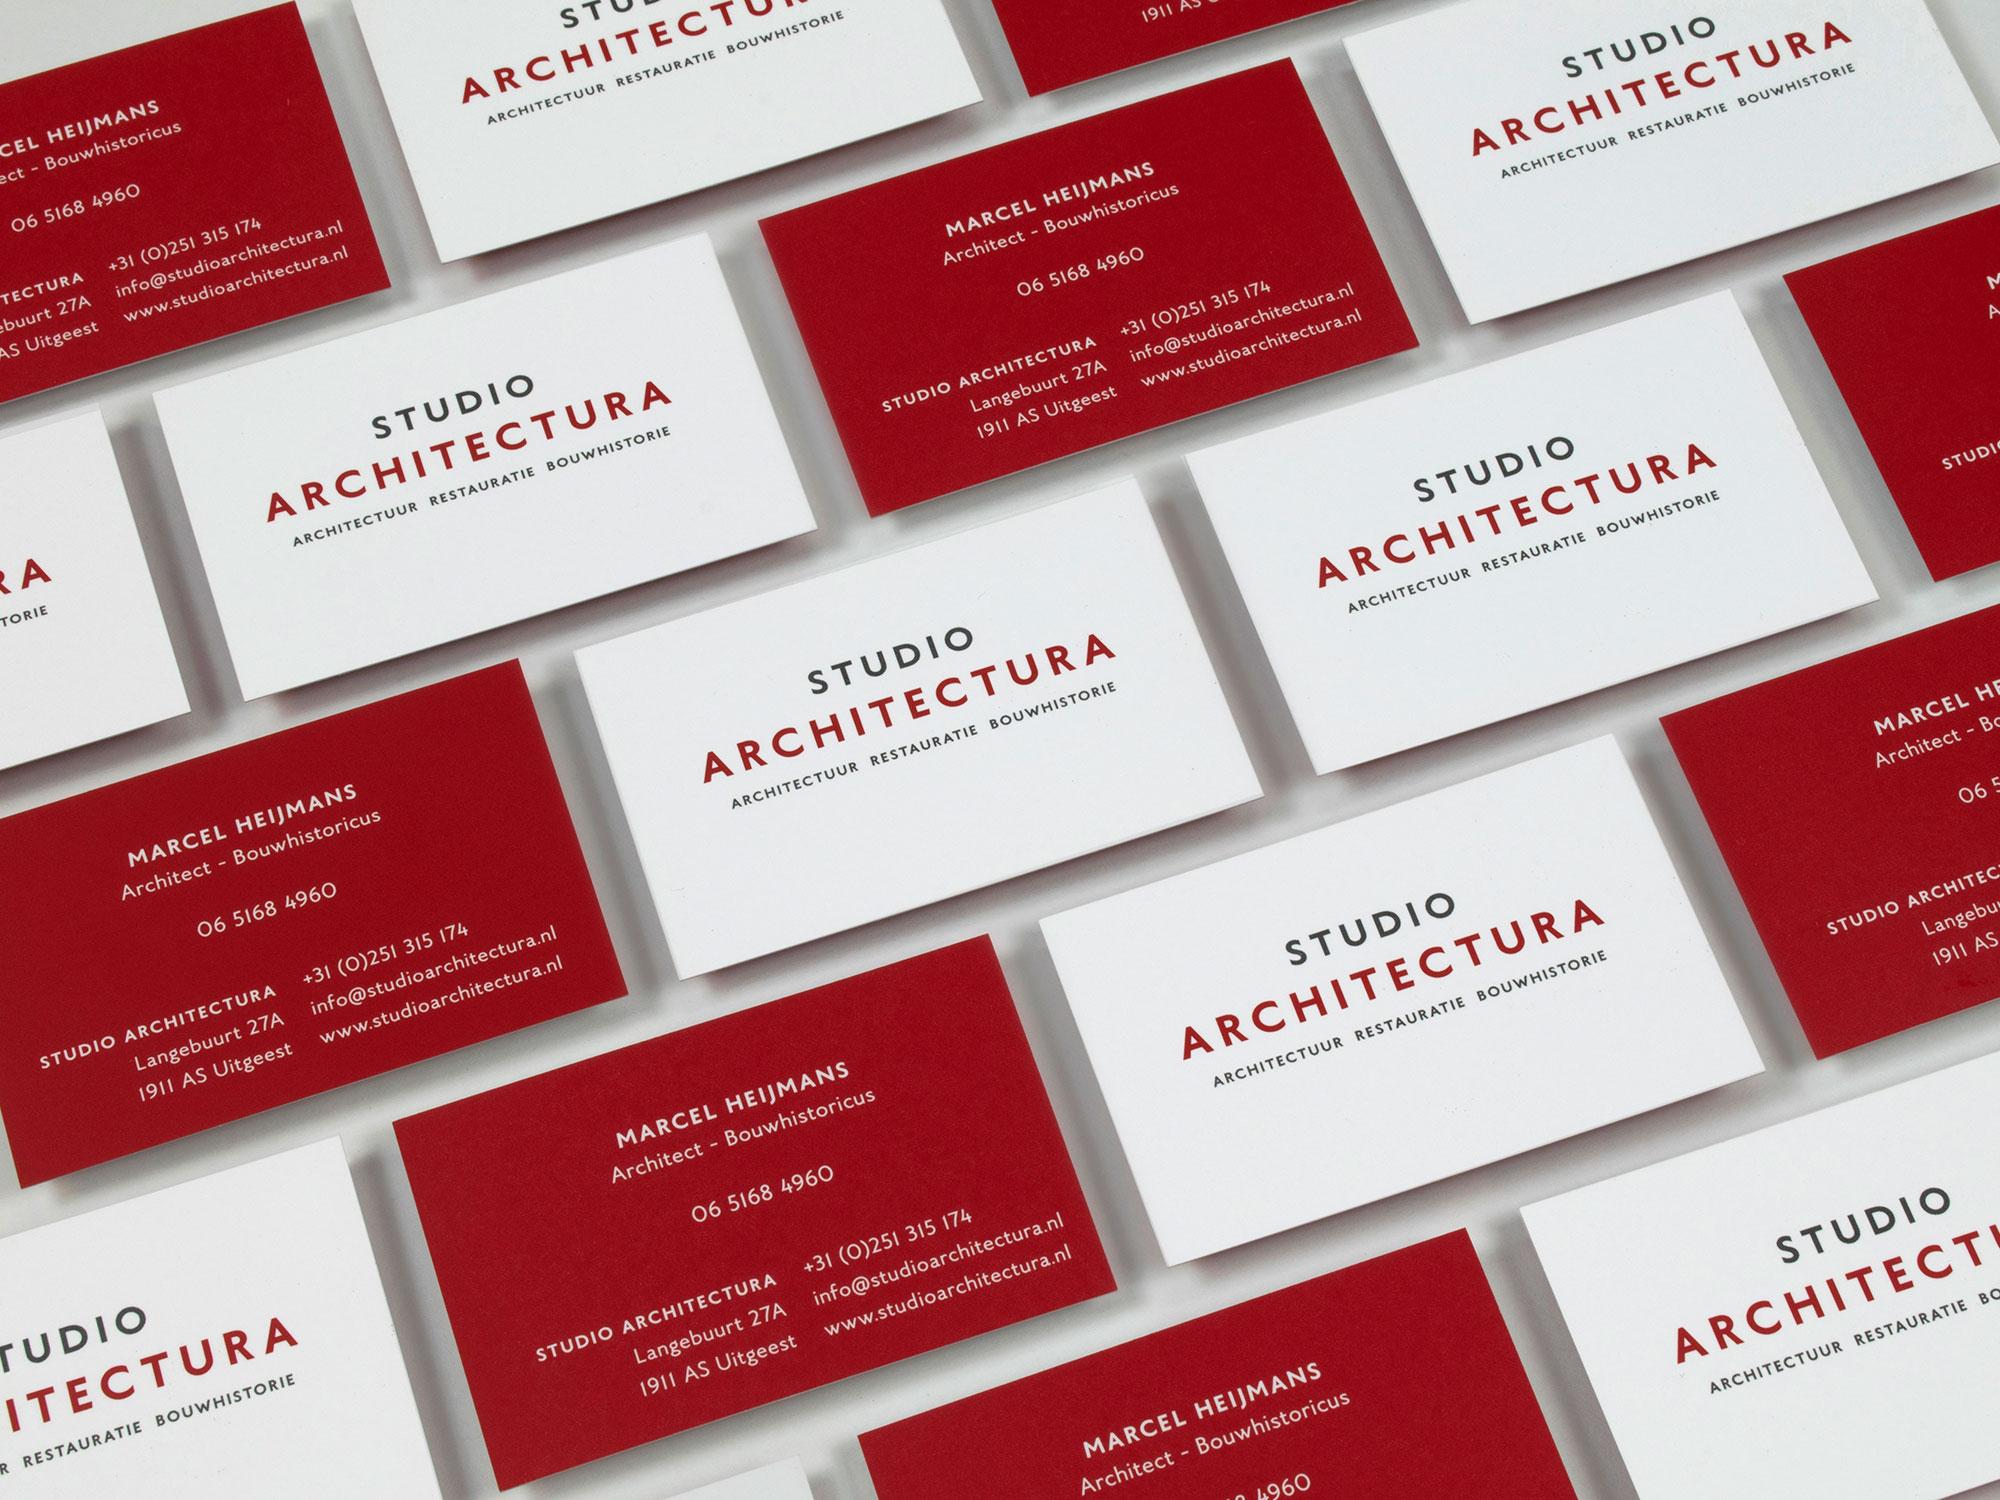 Impulsar-Architectura-biglietto da visita